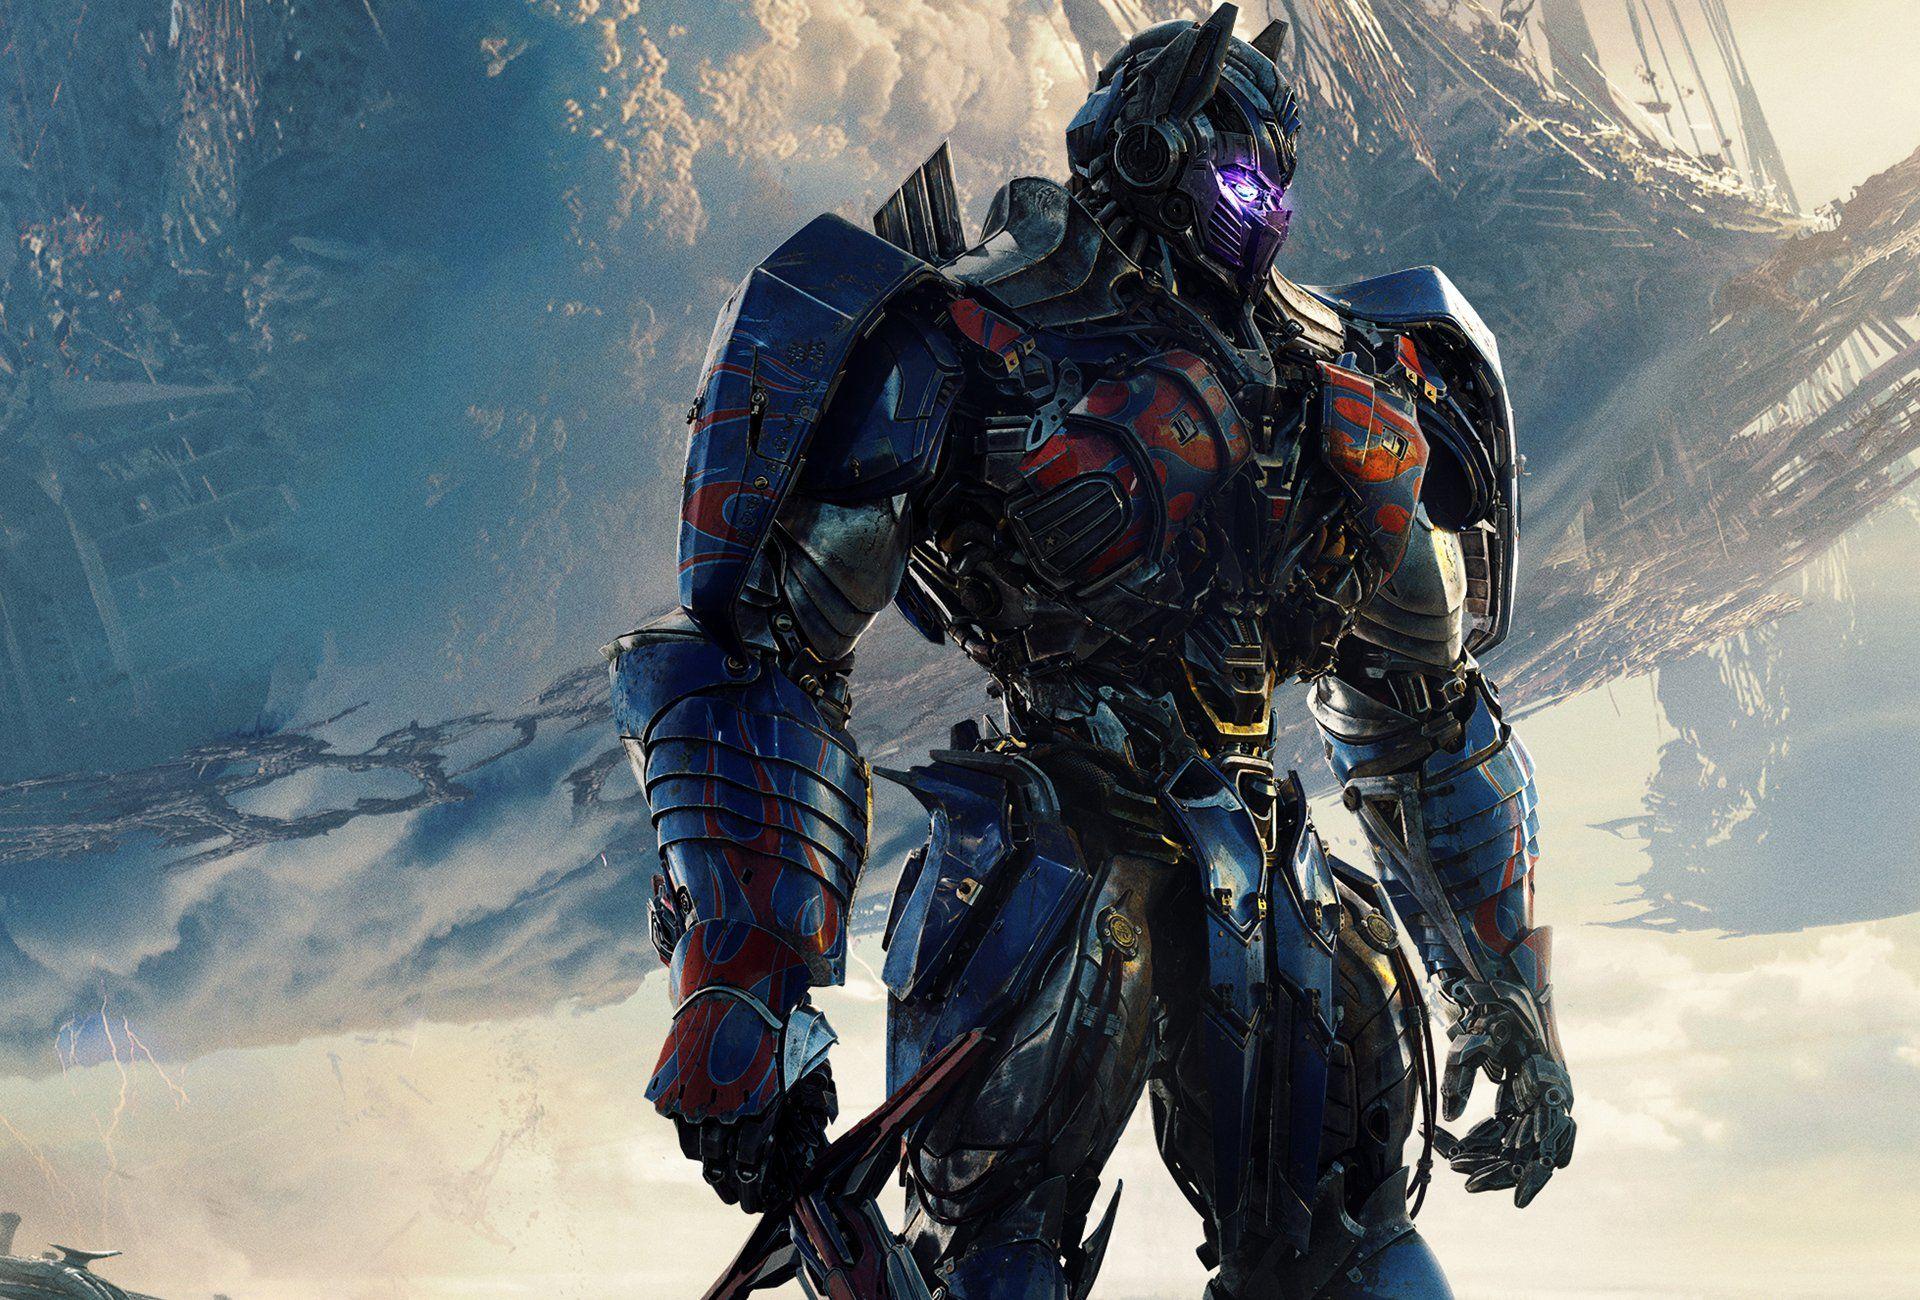 电影 变形金刚5 最后的骑士 变形金刚 Optimus Prime 壁纸 Last